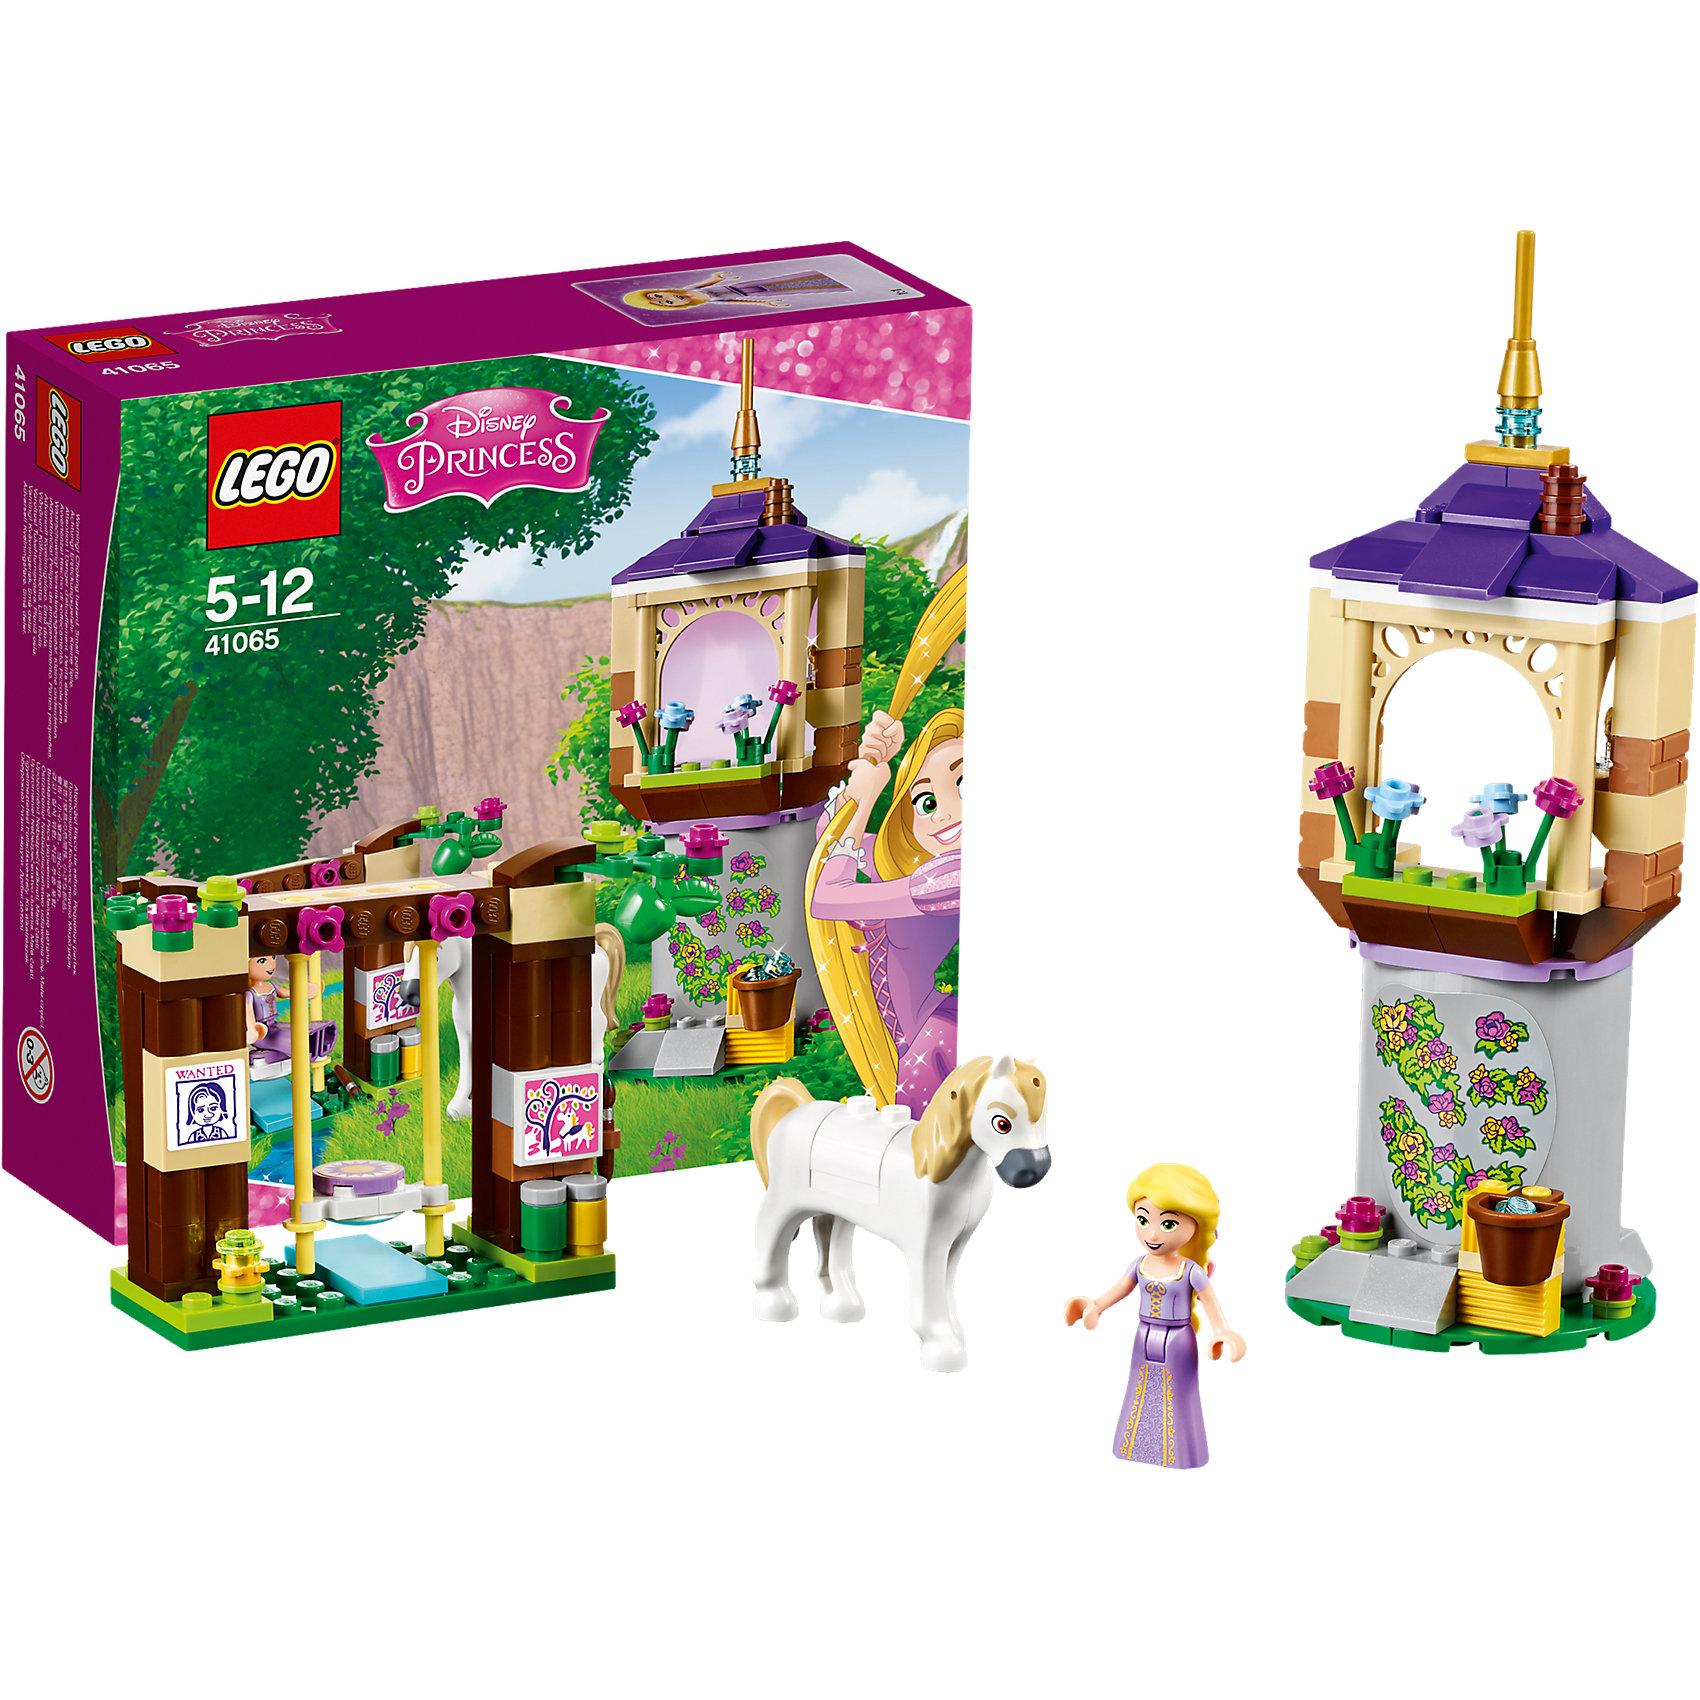 LEGO LEGO Disney Princesses 41065: Лучший день Рапунцель конструктор lego disney princesses экзотический дворец жасмин 41061